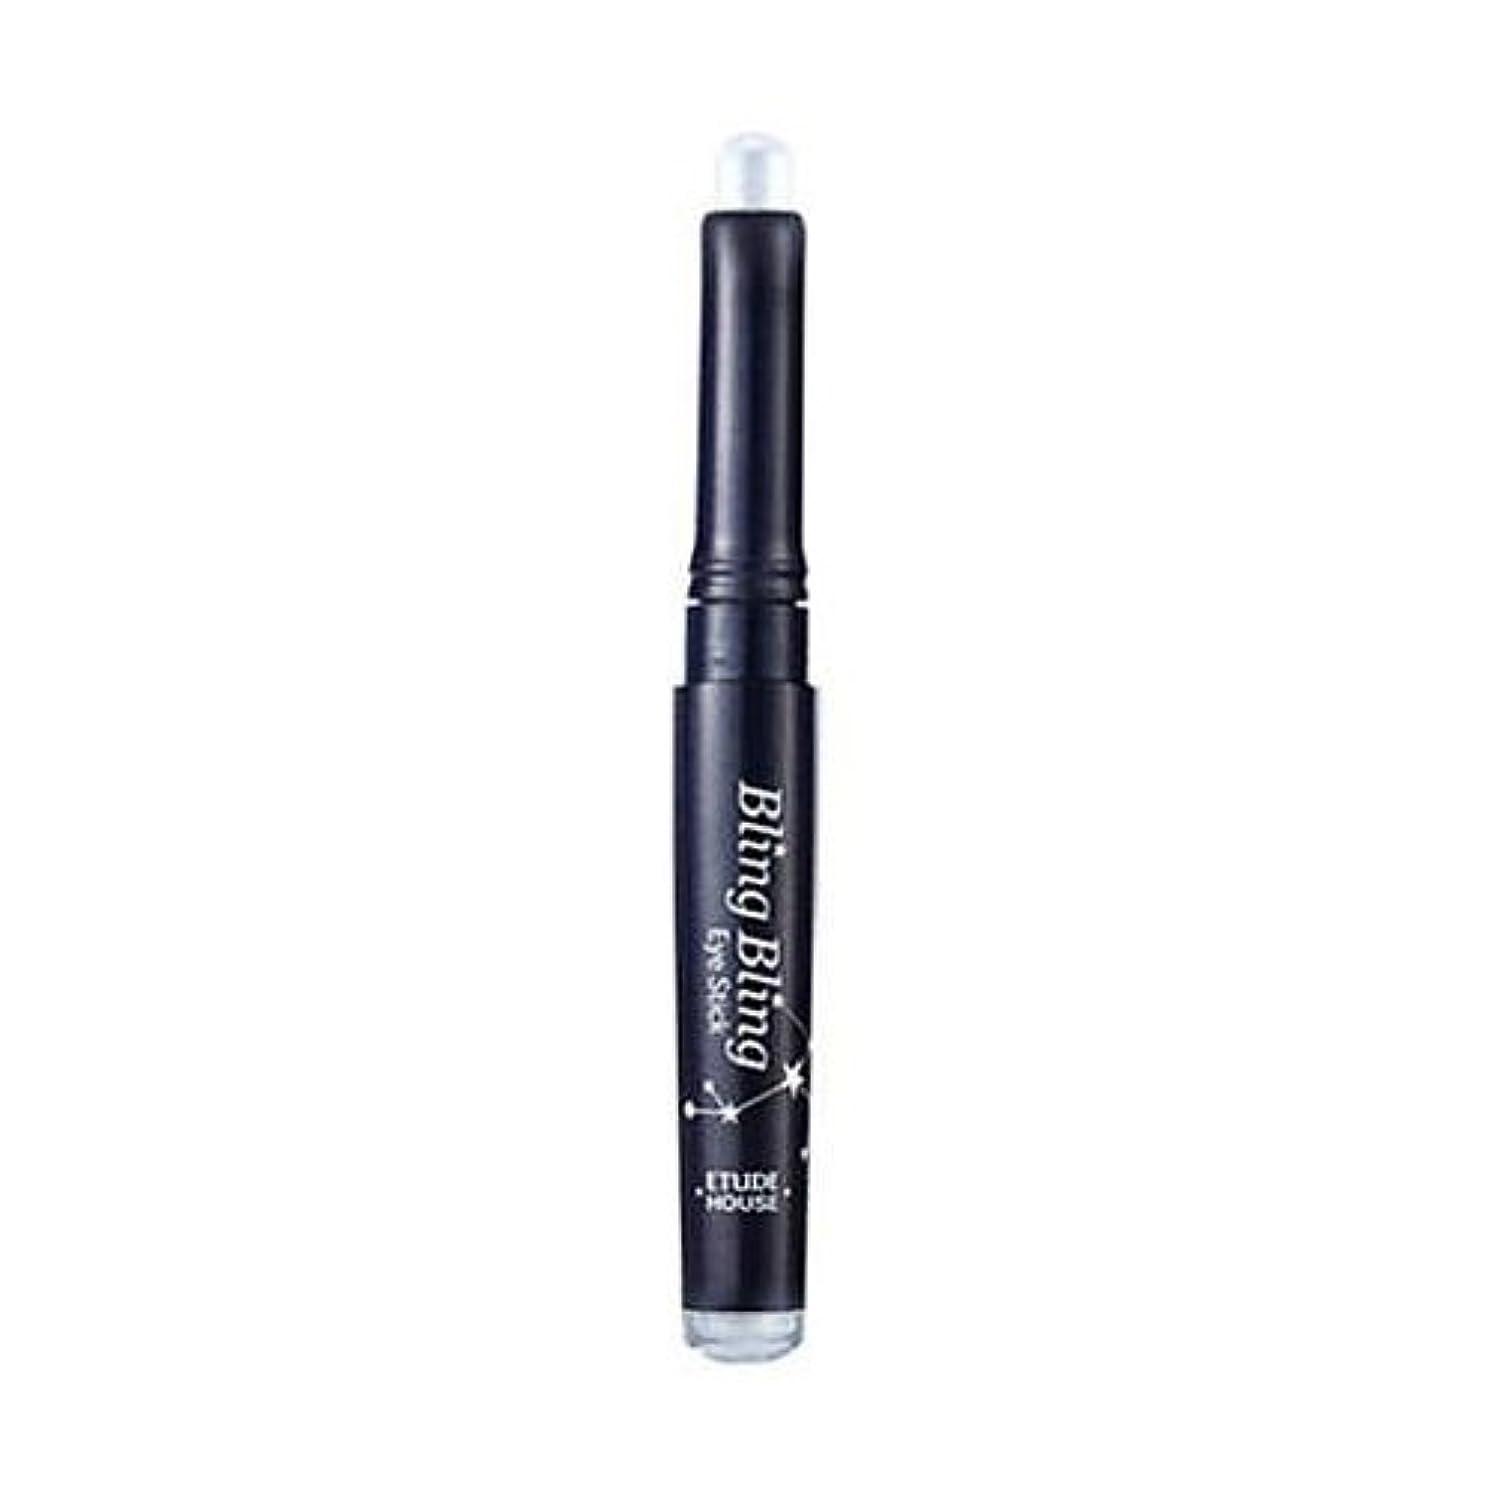 大胆ジョリーウェブ(6 Pack) ETUDE HOUSE Bling Bling Eye Stick - #01 Shooting Star (並行輸入品)